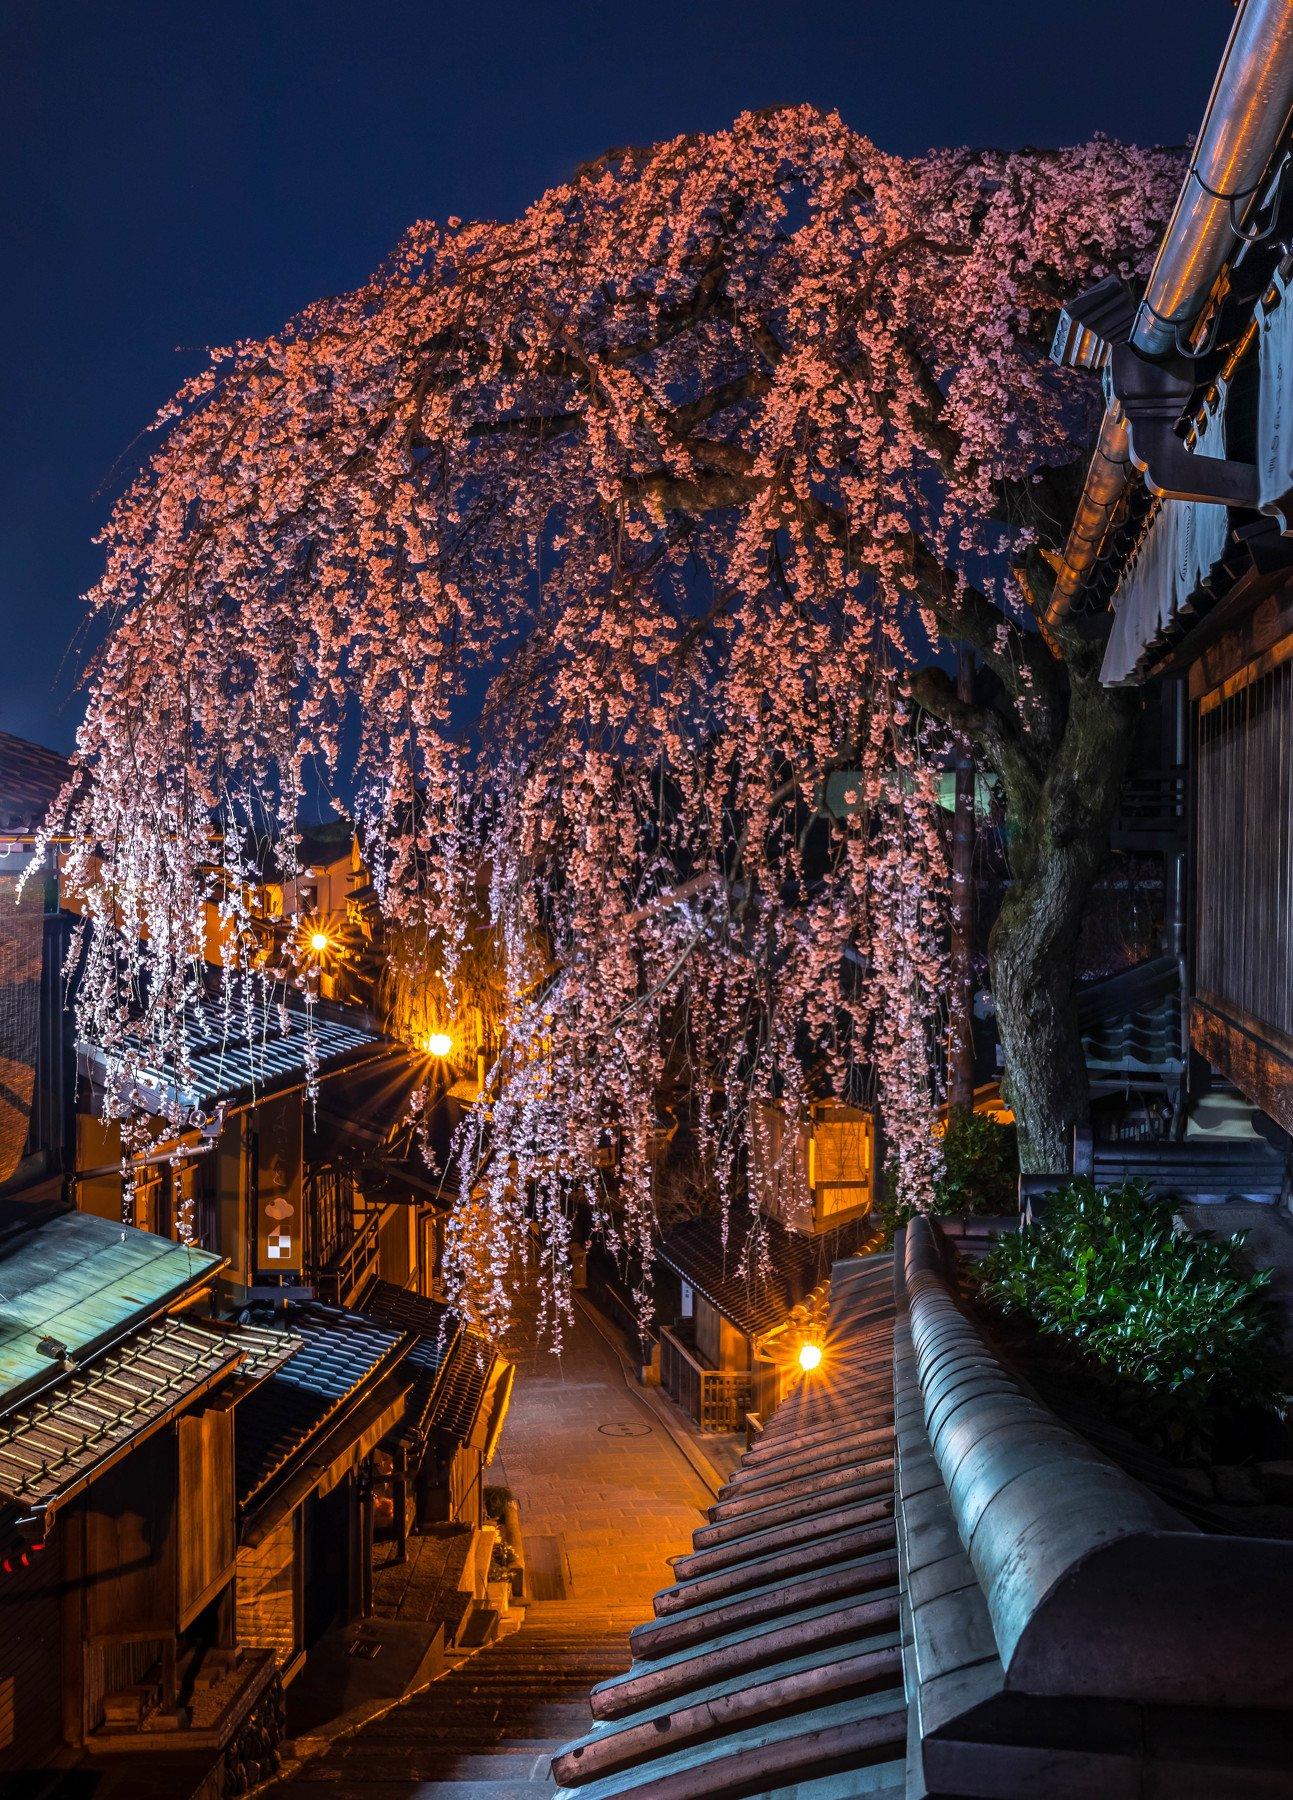 cherry blossom night sakura kyoto japan lights nightscape long exposure, Hasan Jakaria